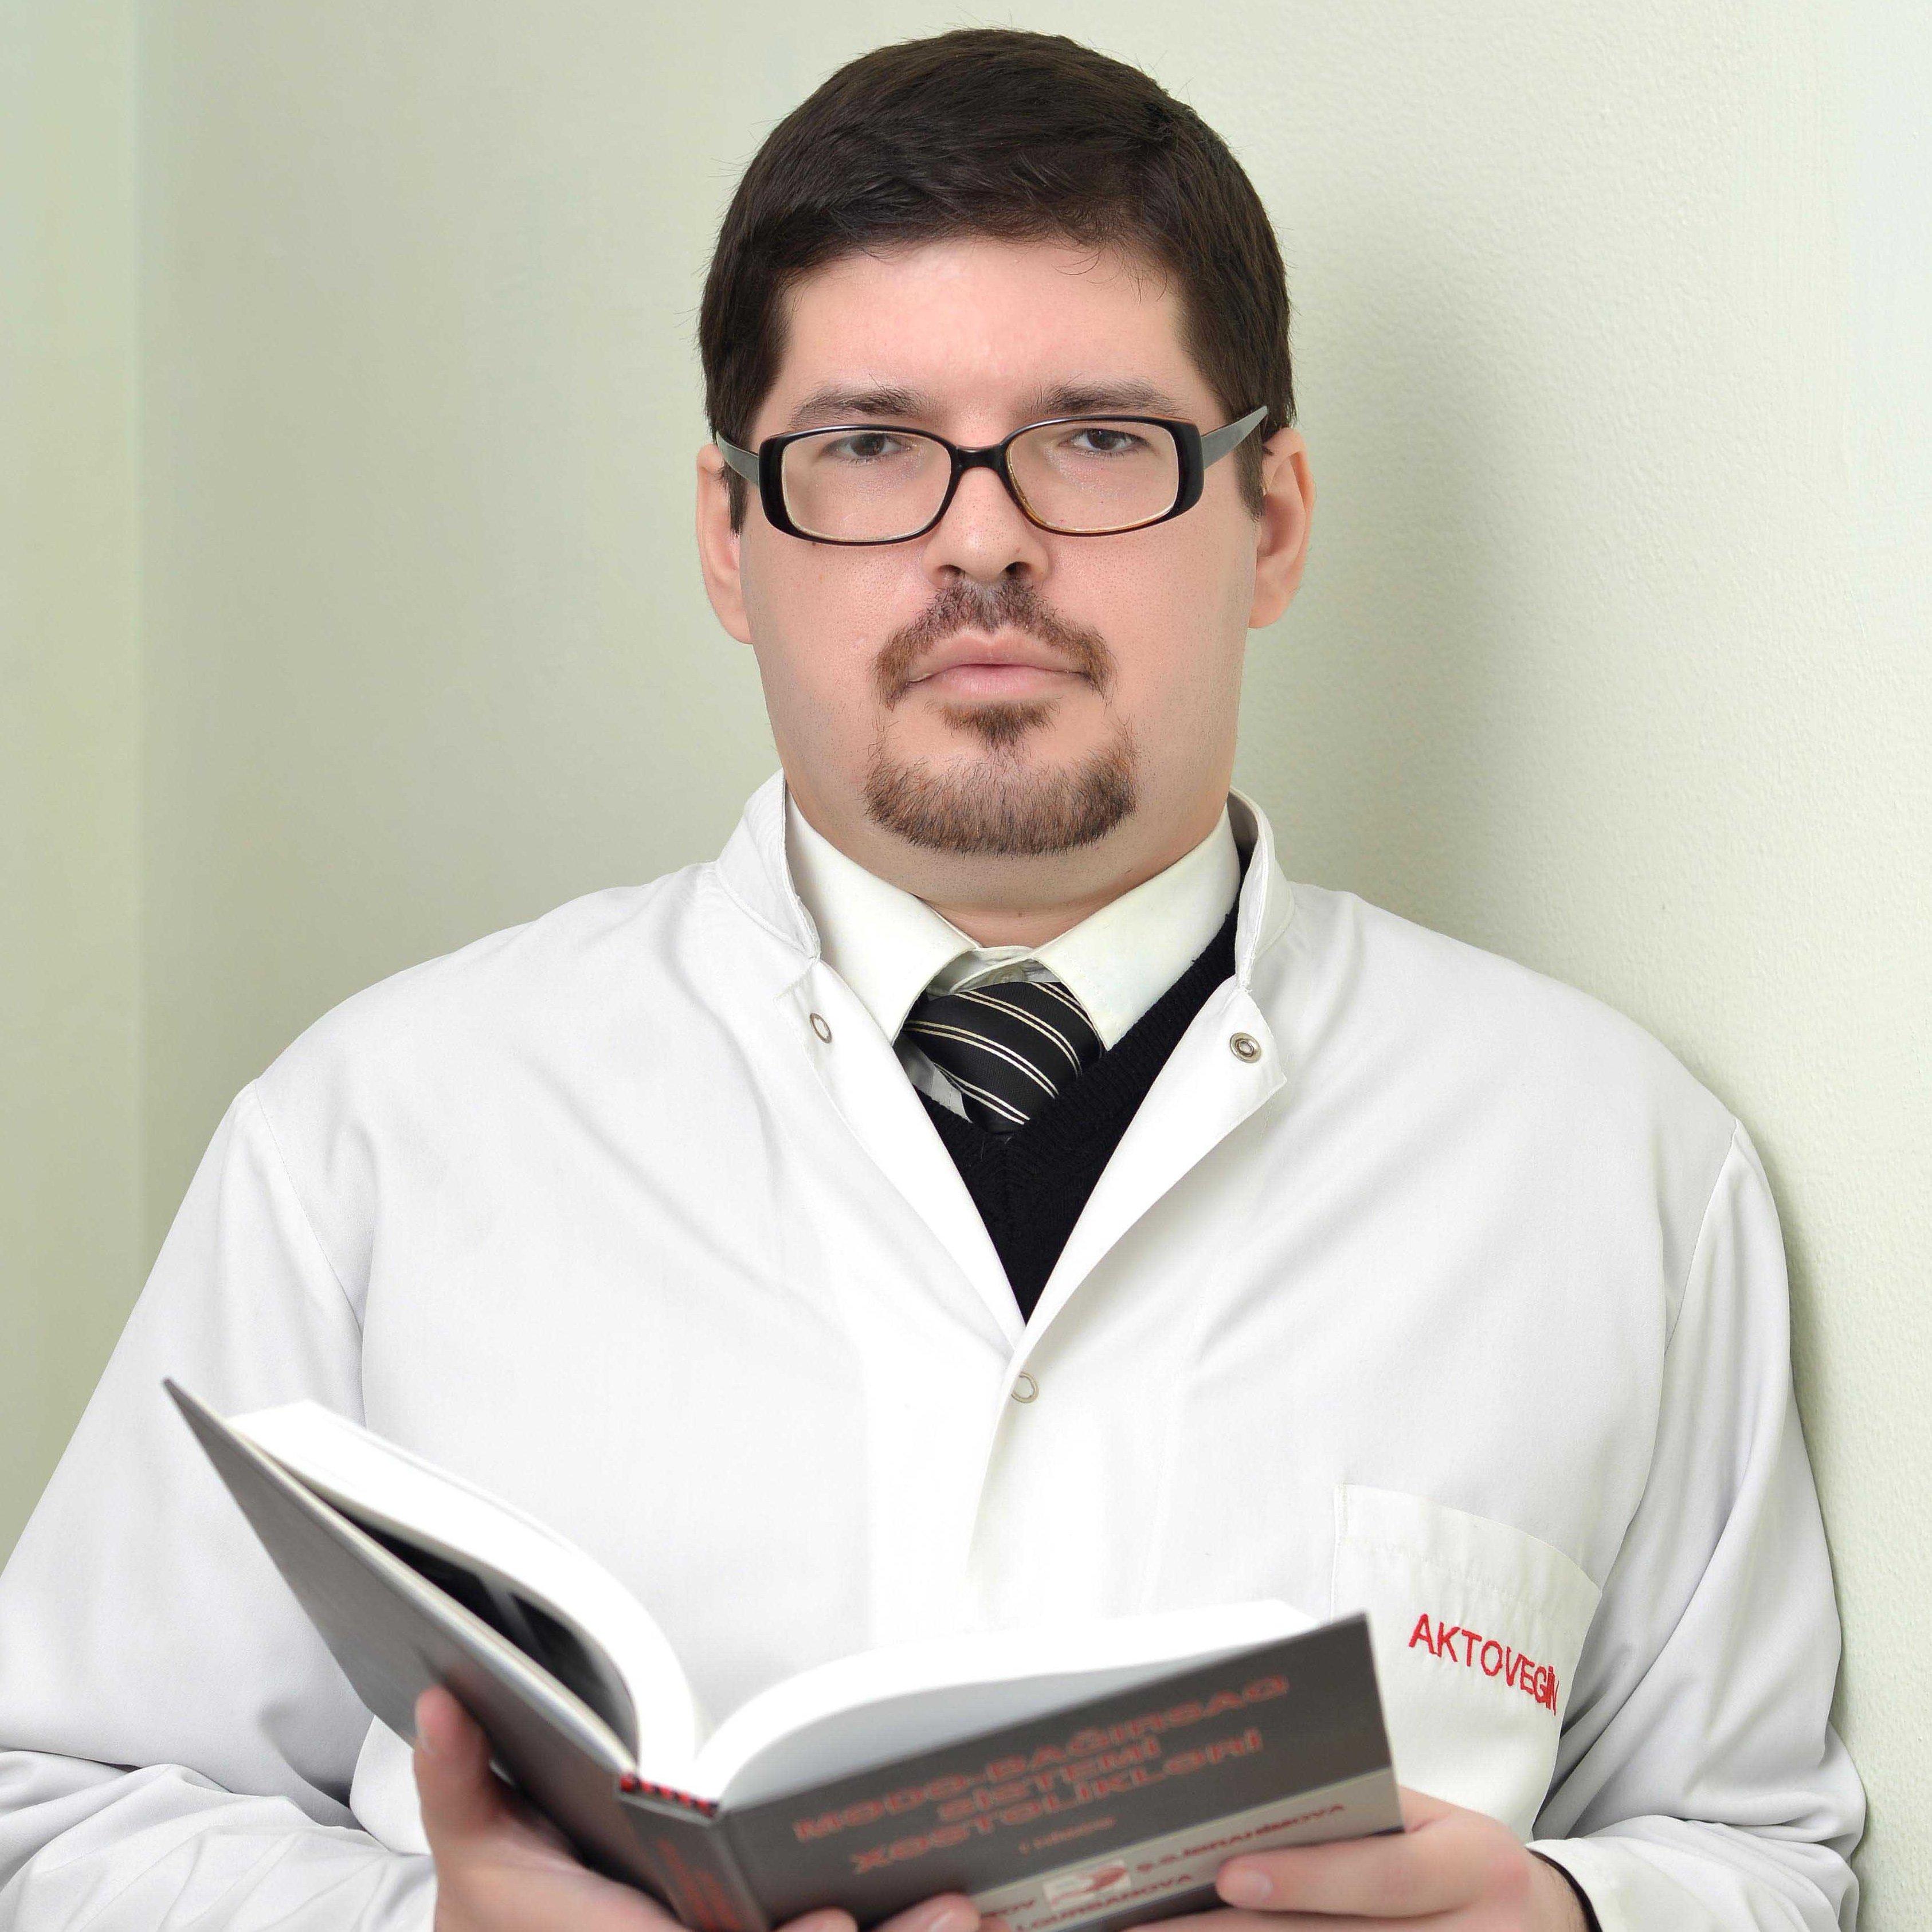 Murad İbrahimov Qastroenteroloq-hepatoloq